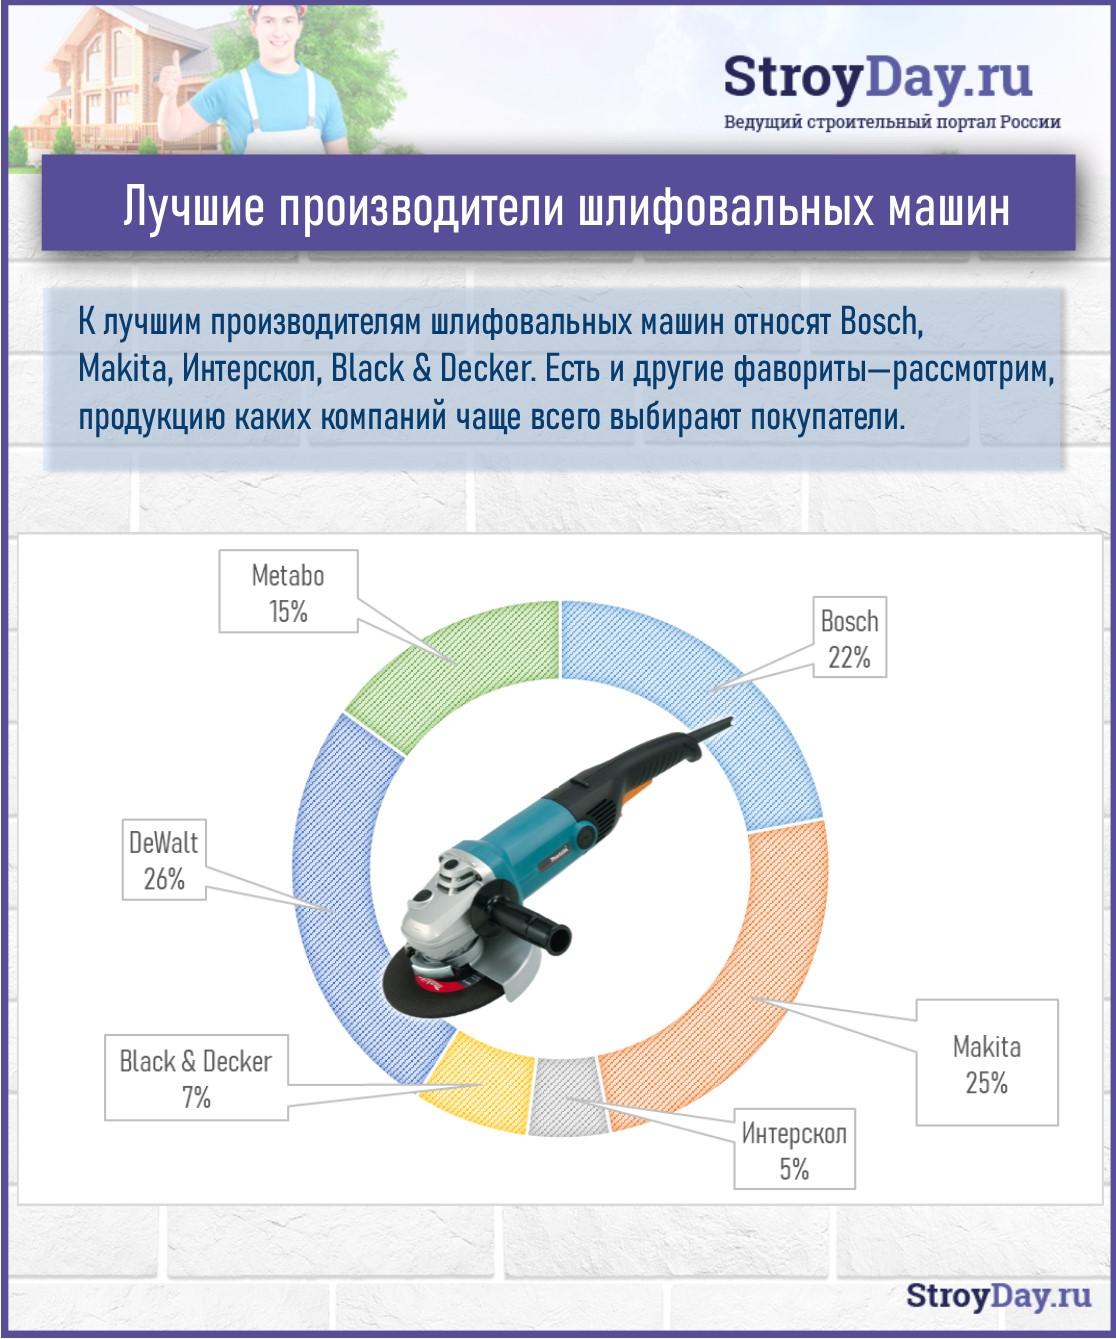 Статистика - наиболее популярные производители шлифовальных машин